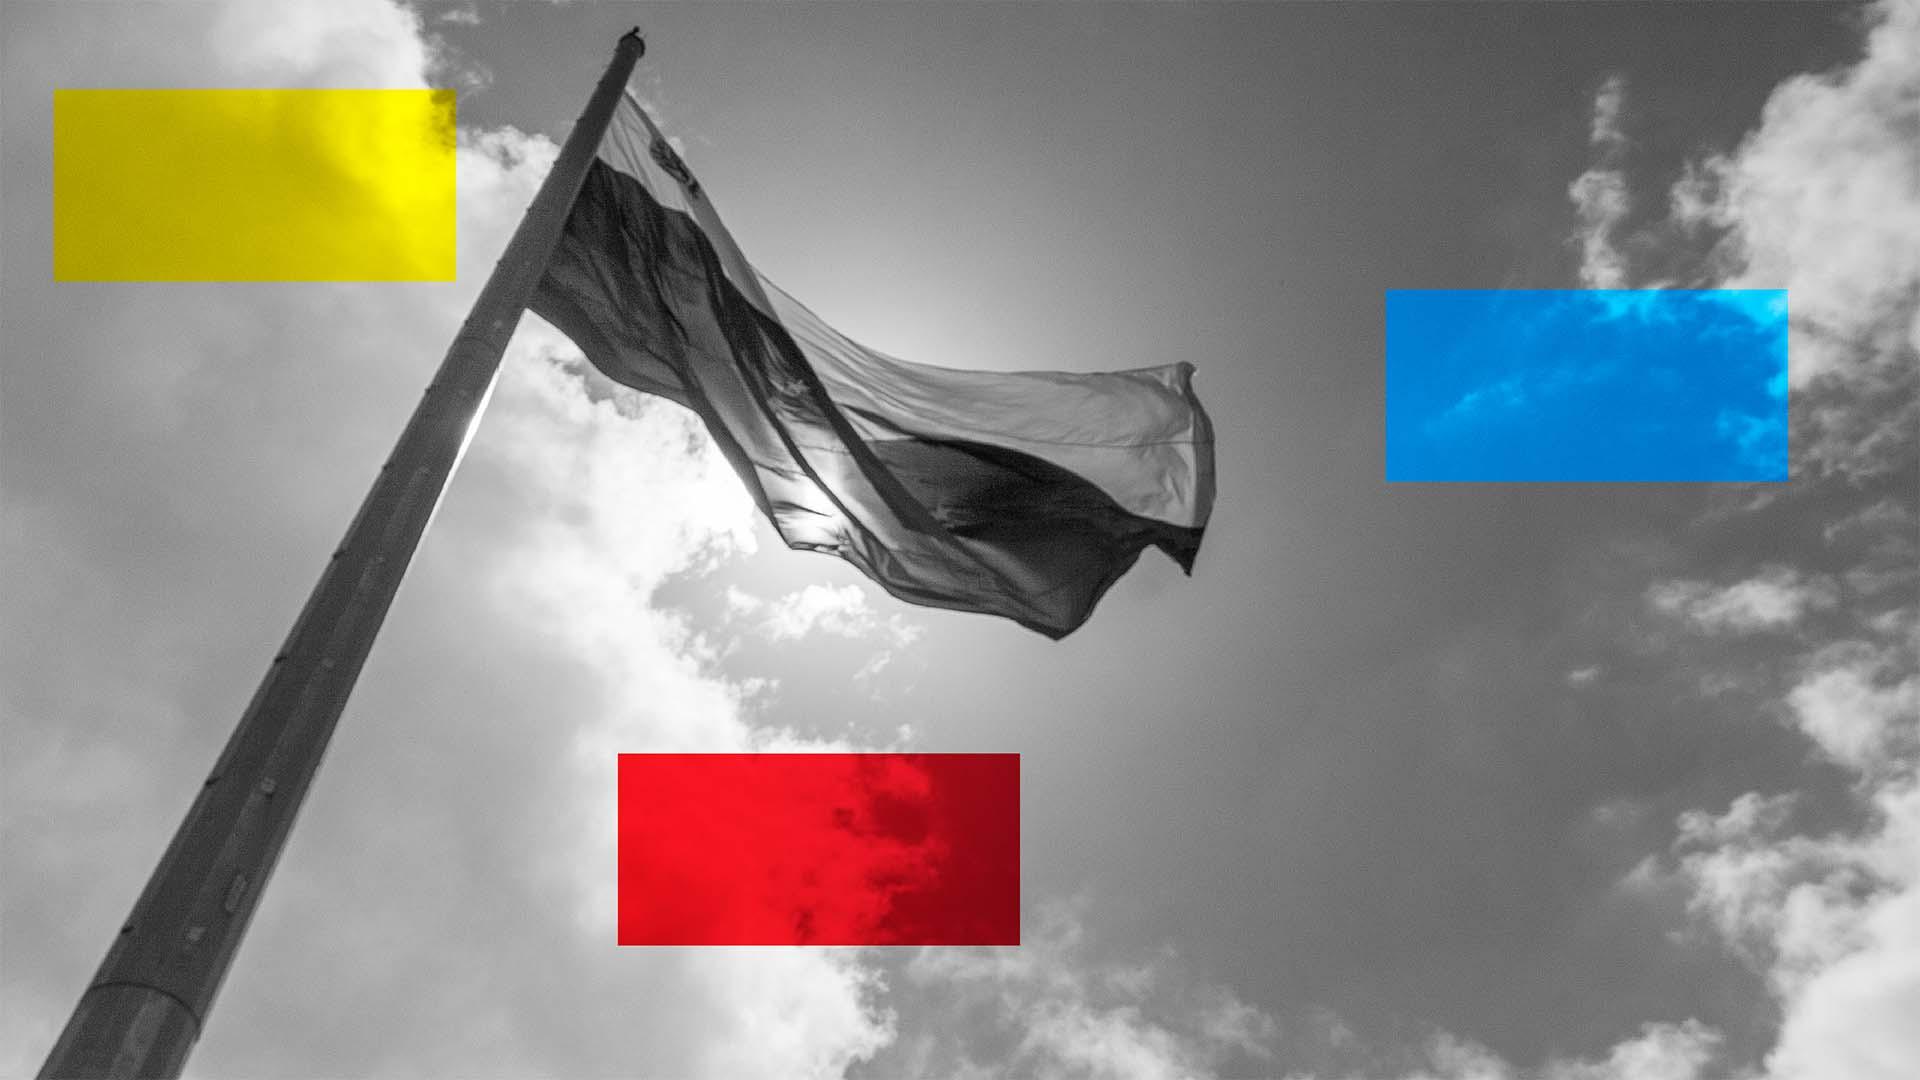 Todos somos embajadores, por Orlando Viera-Blanco*